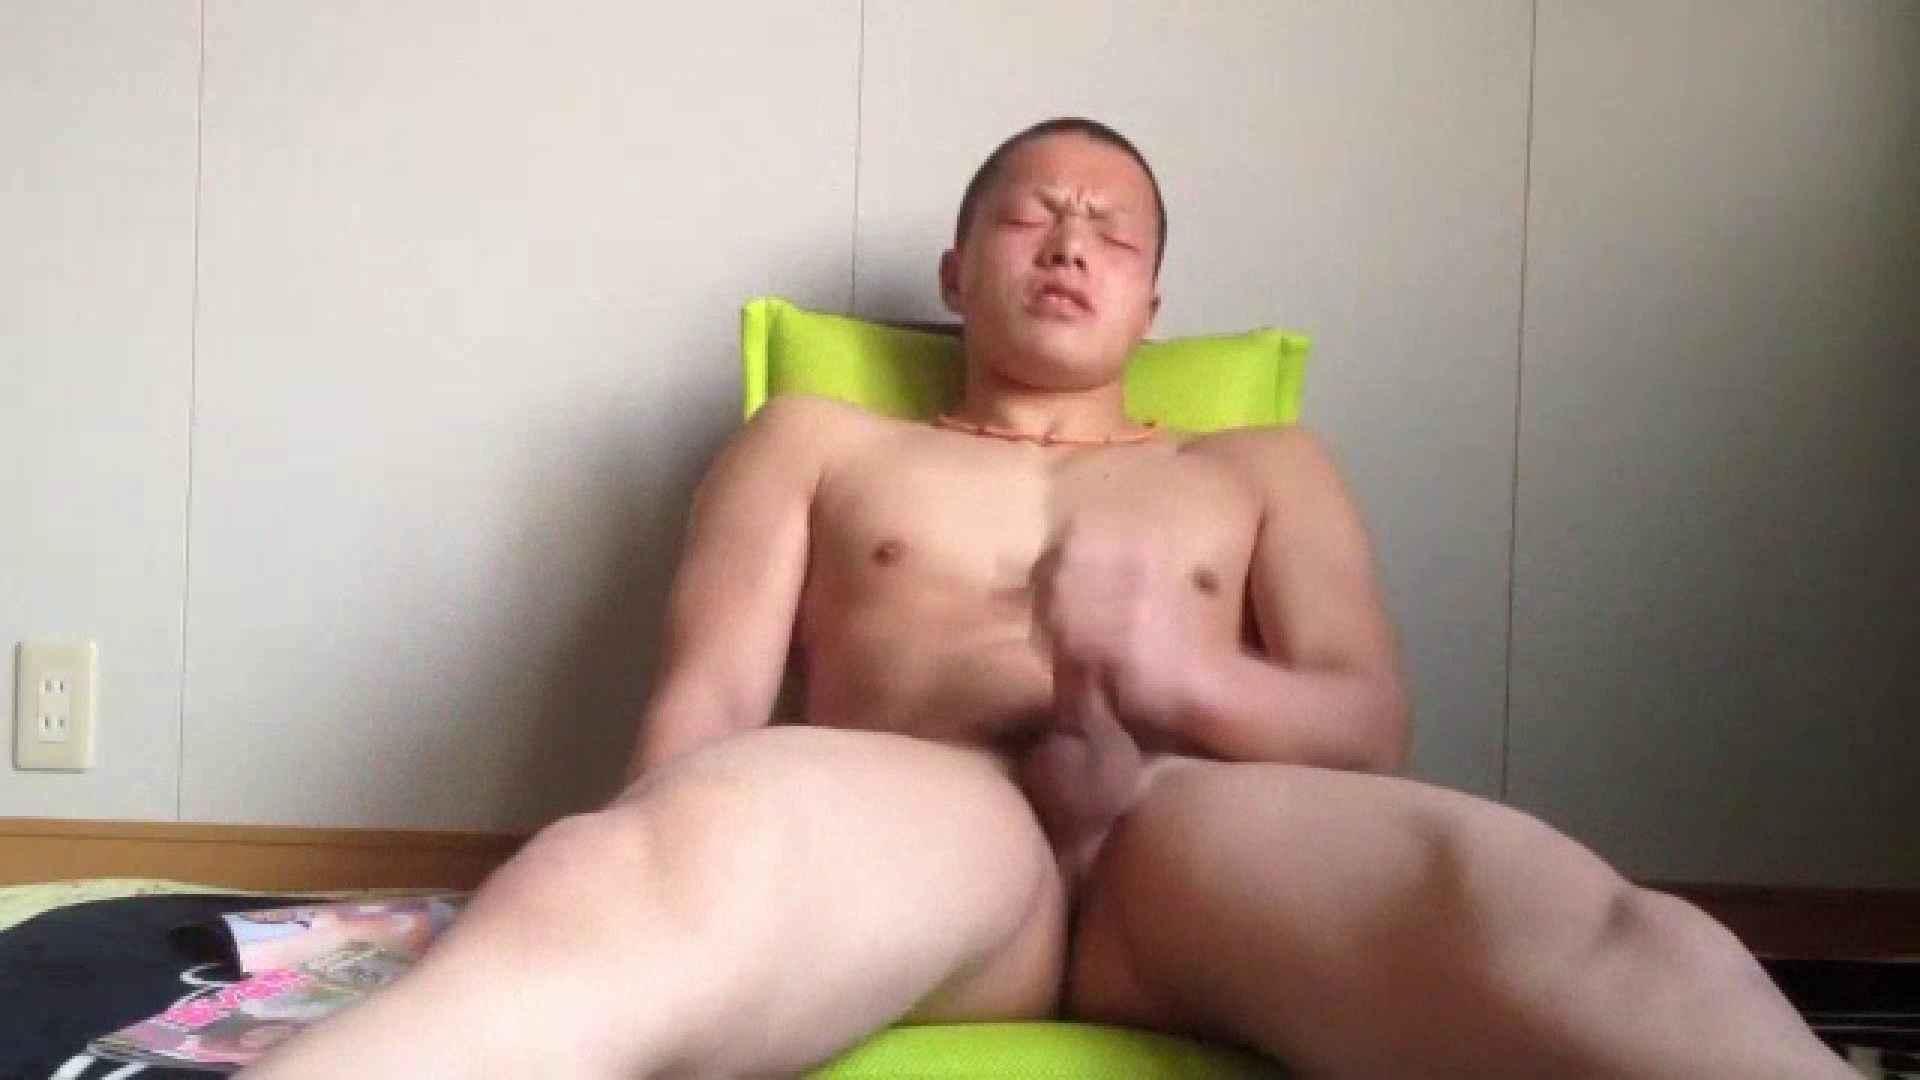 俺の新鮮なミルクはいかが? Vol.11 男天国 | オナニー特集  83pic 35